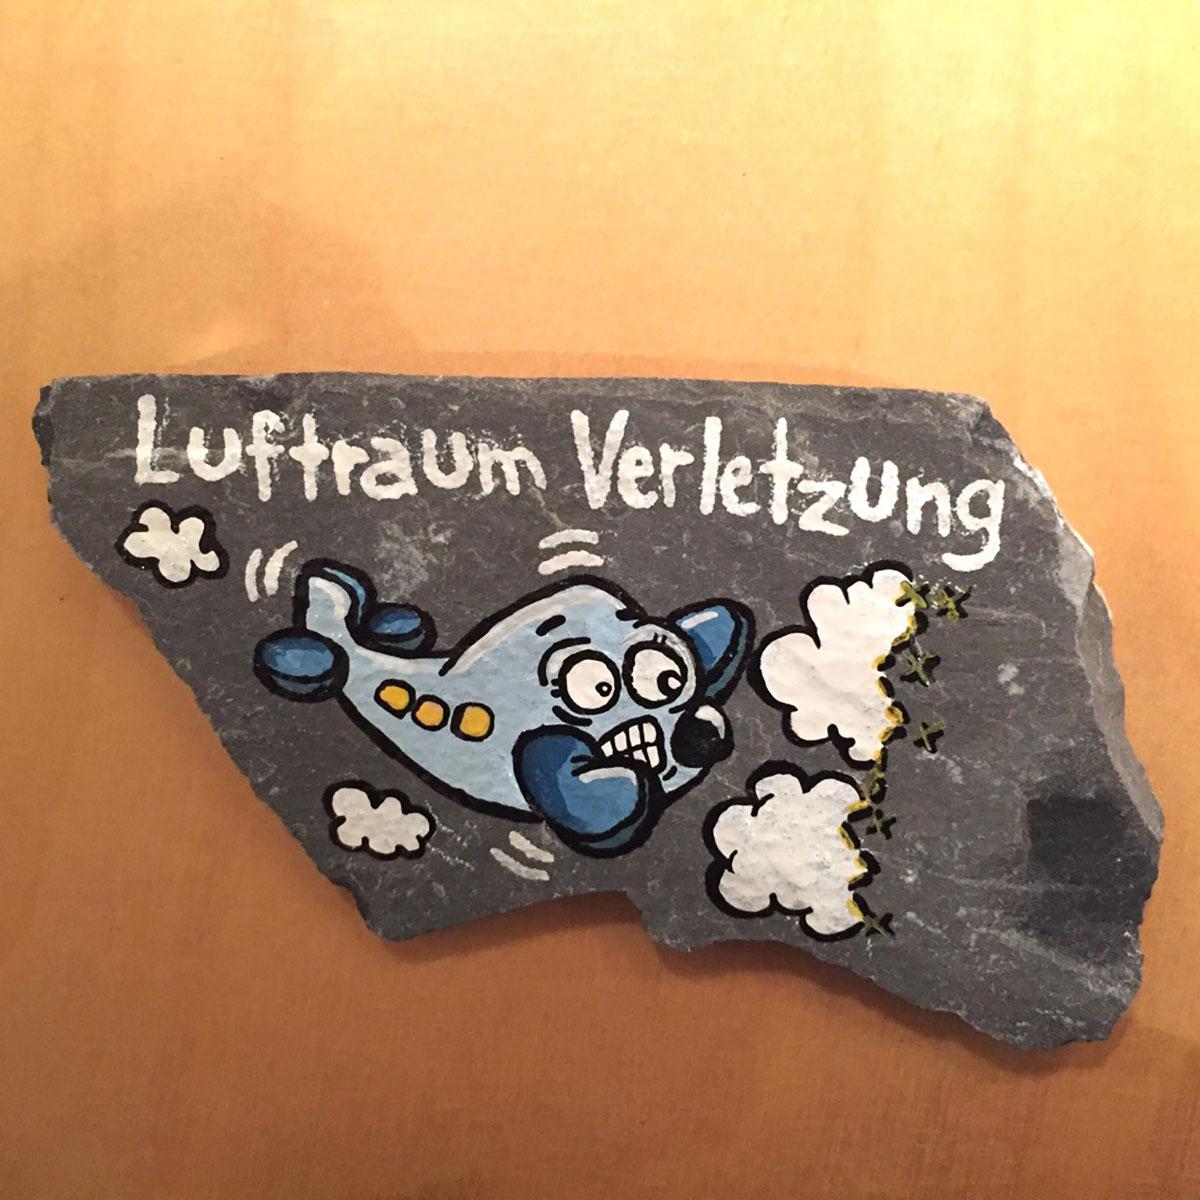 """Warstein, Hillenberg, Route """" Luftraum-Verletzung, 9-"""